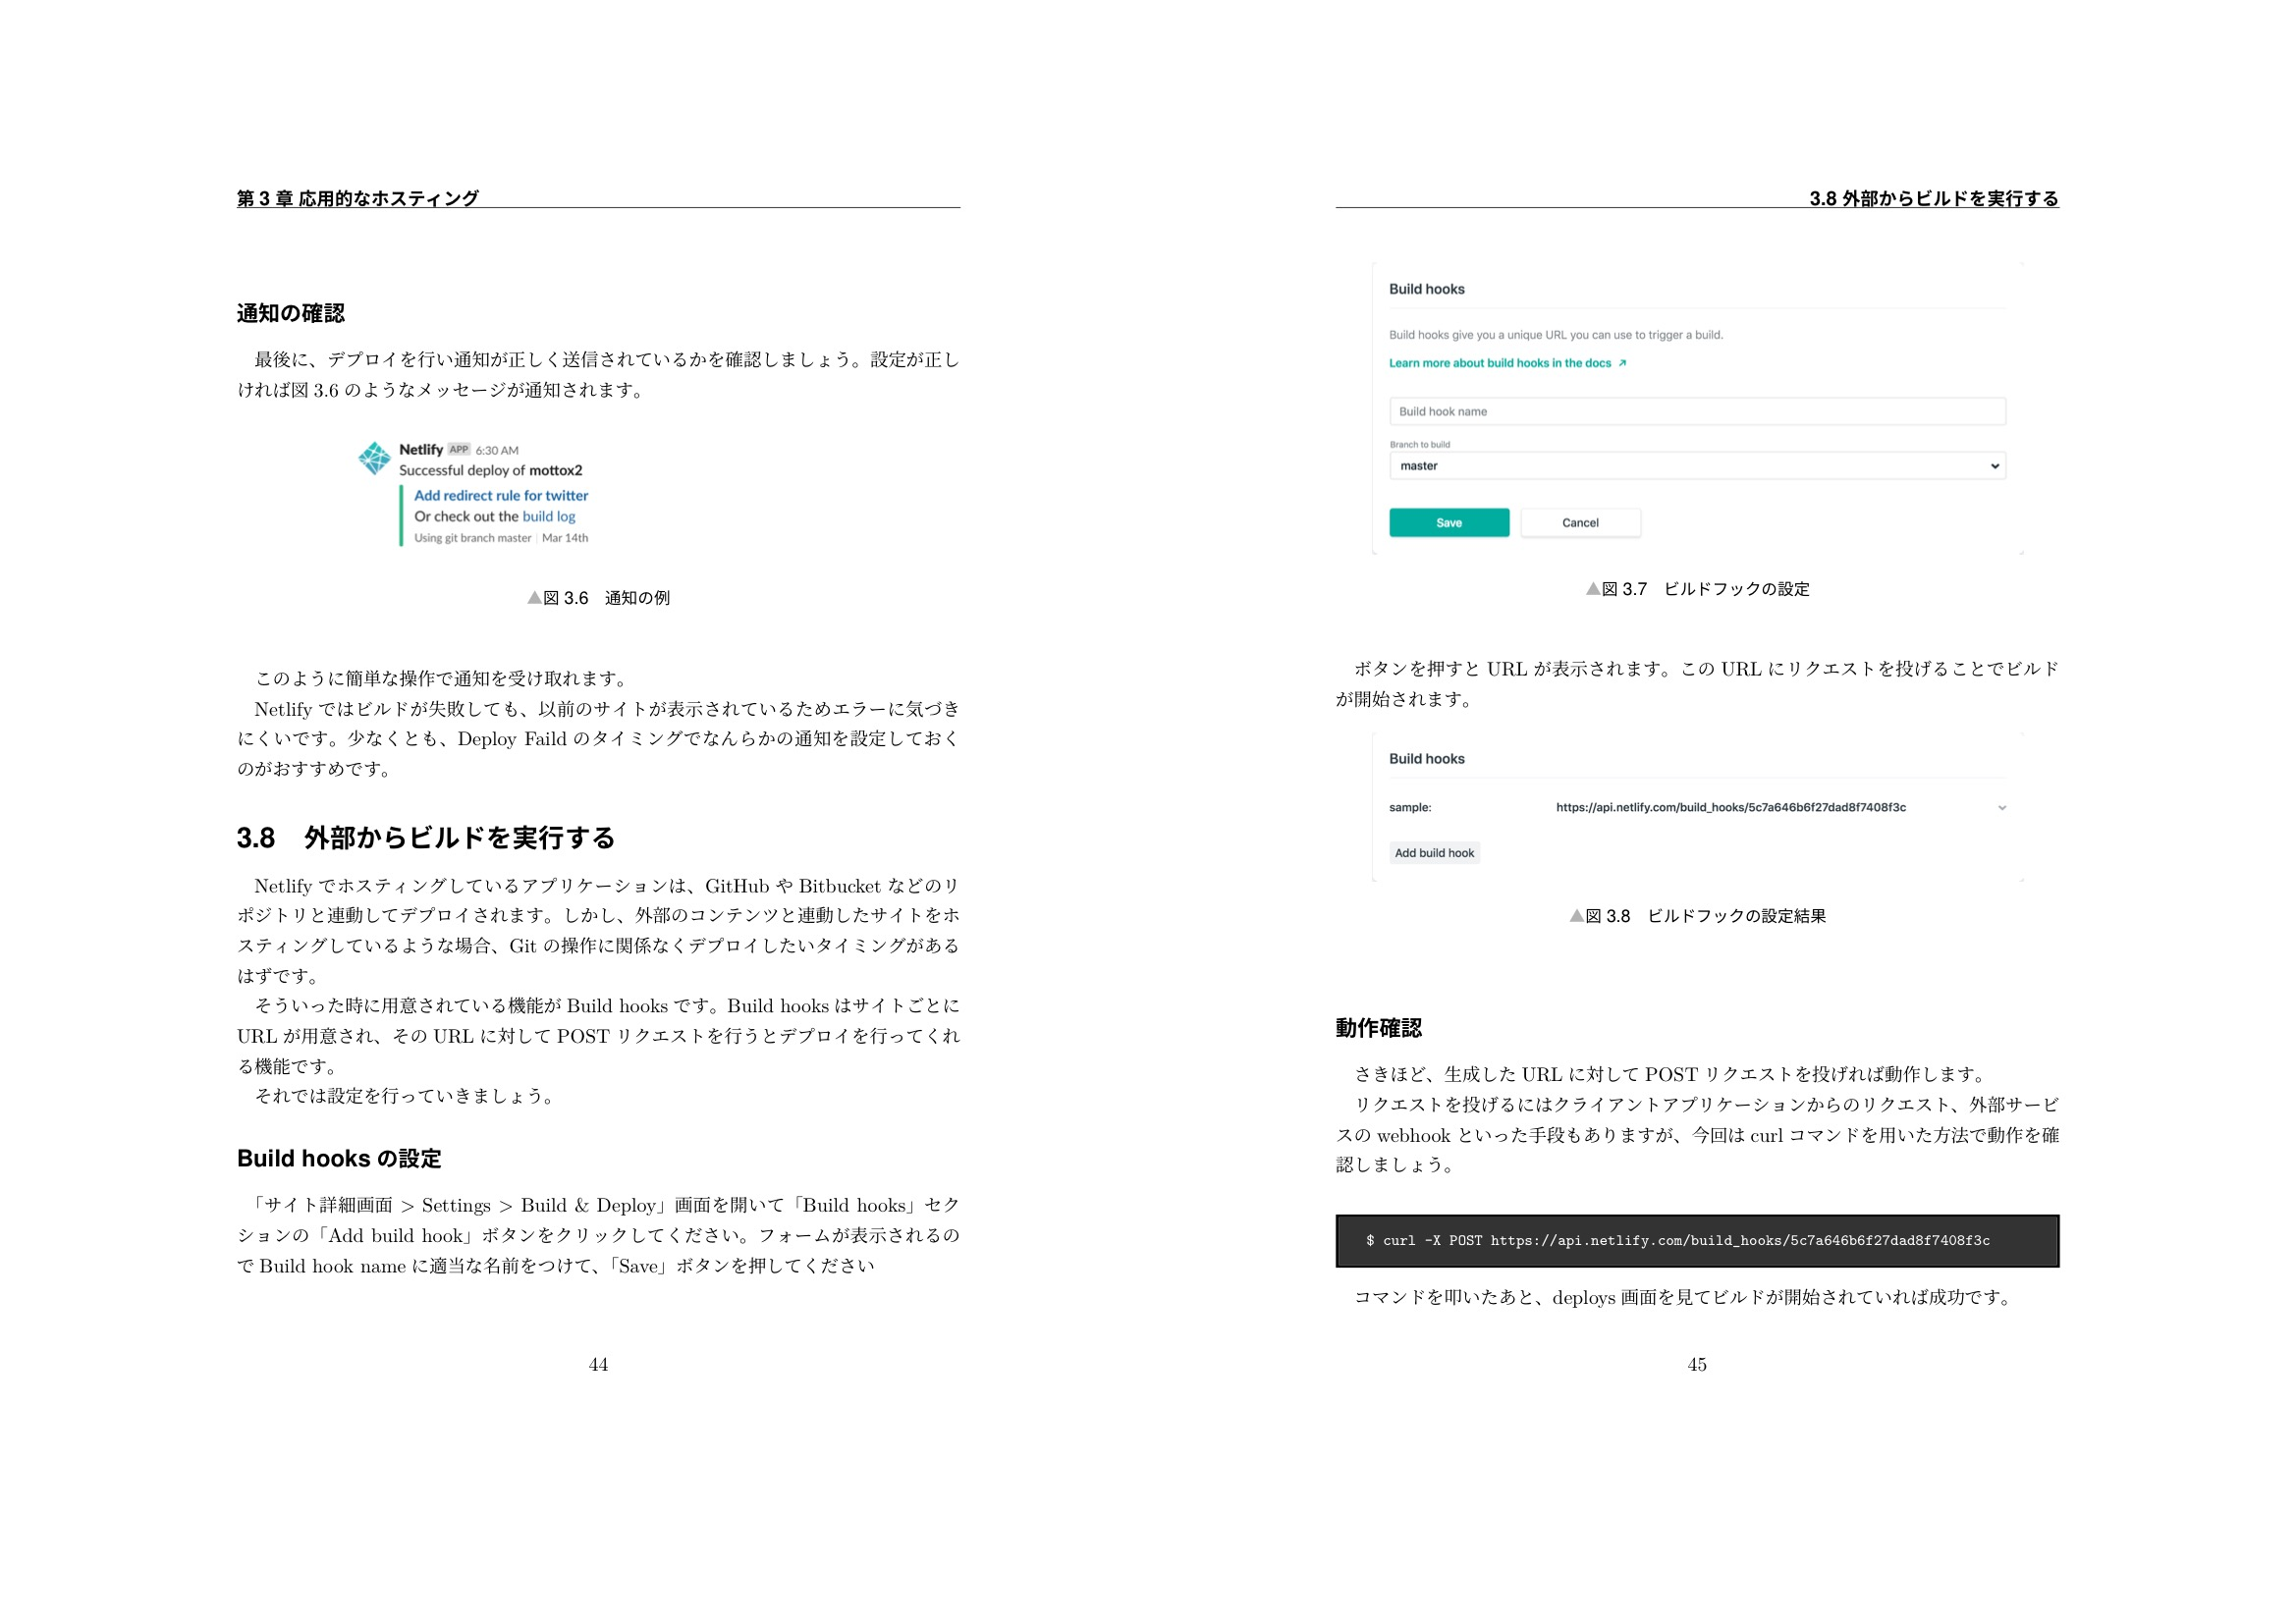 netlify-techbook-2 22.jpeg (320.2 kB)